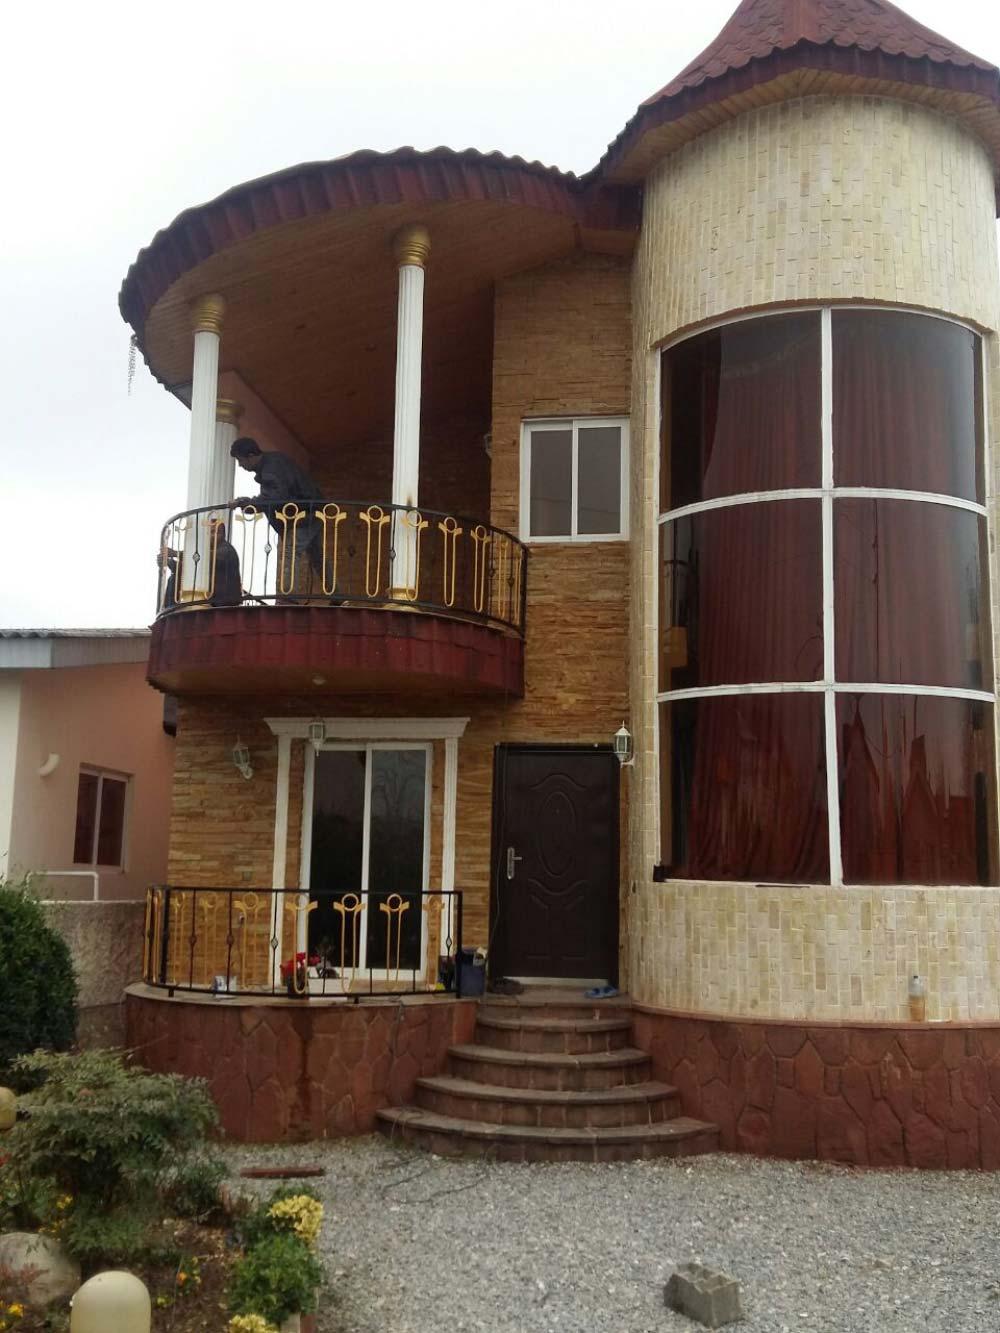 فروش ویلا دوبلکس، نوشهر، با سند مجوز ساخت، منطقه توریستی دهکده کتی